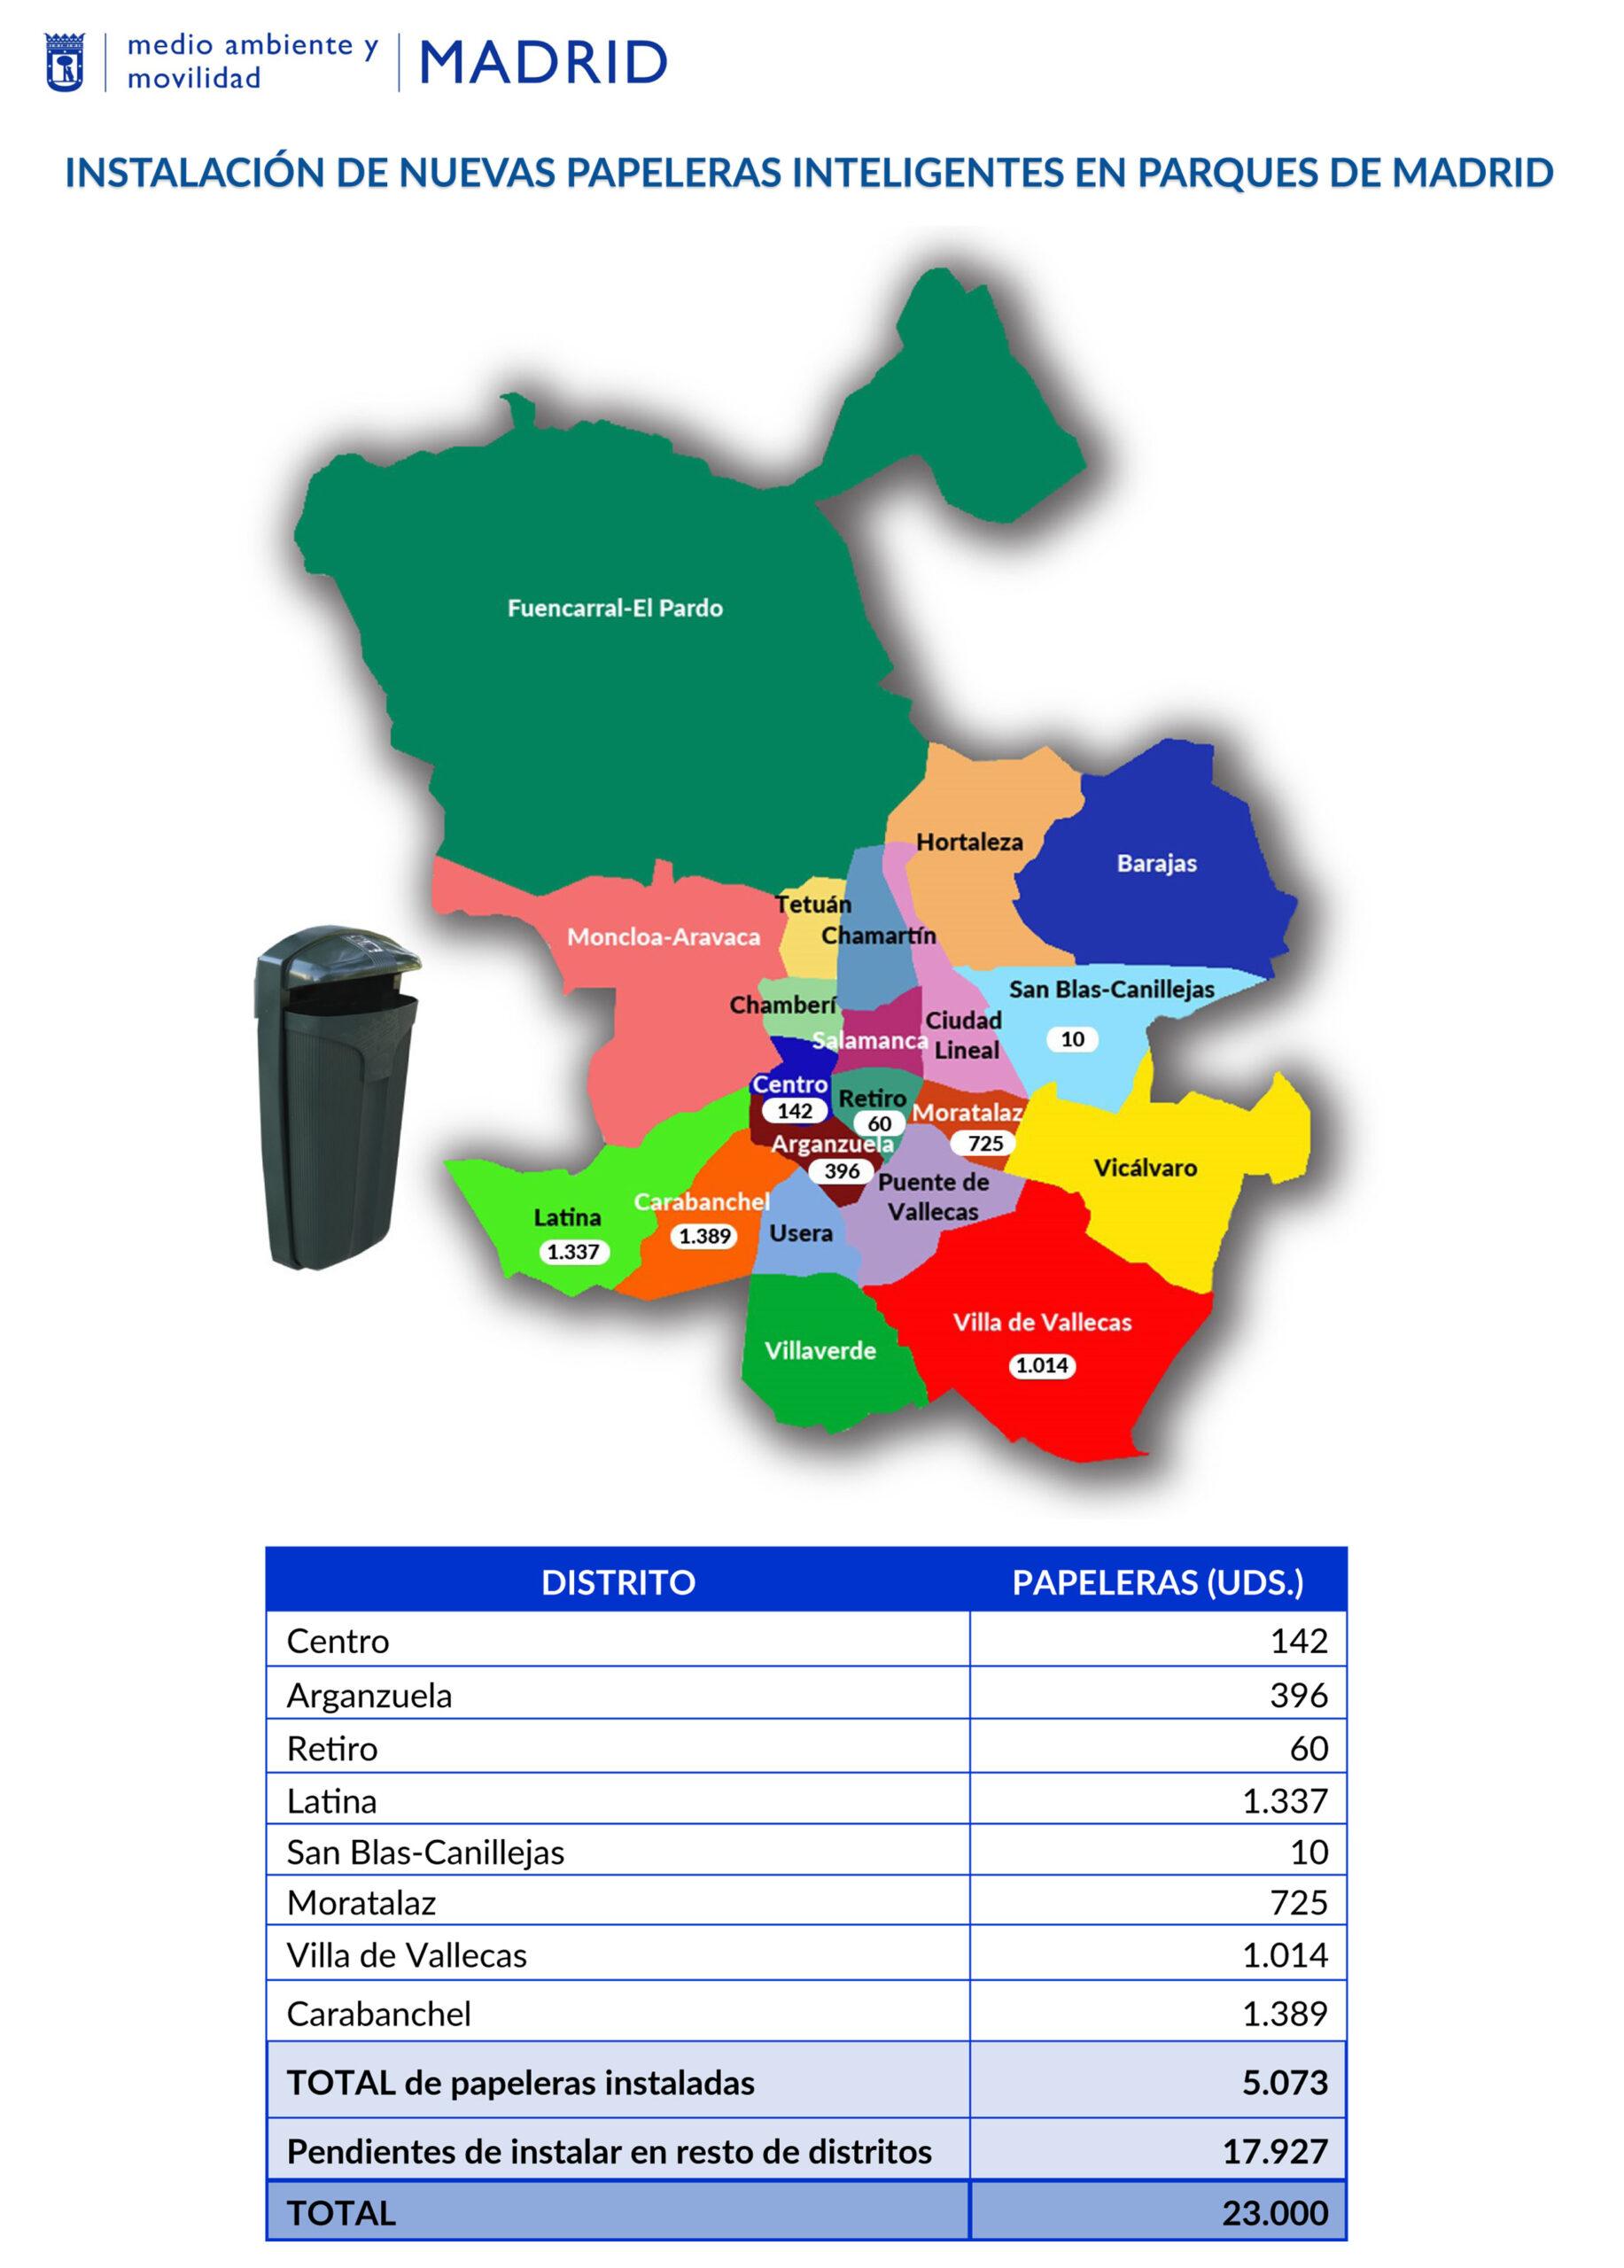 Papeleras inteligentes. Detalle de los distritos y el número de papeleras instaladas